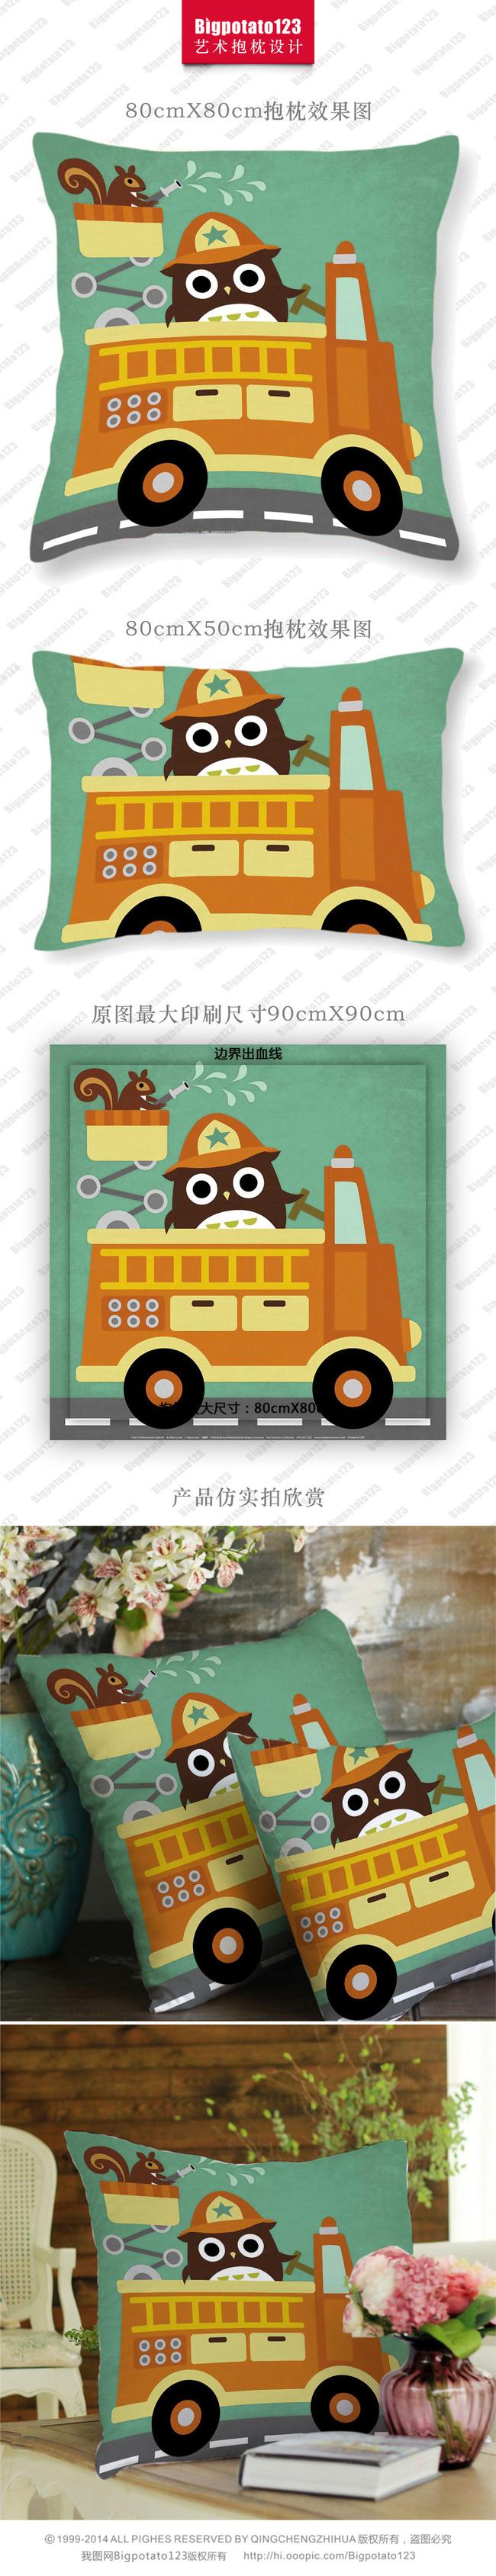 可爱卡通儿童猫头鹰戴安全帽坐汽车抱枕设计